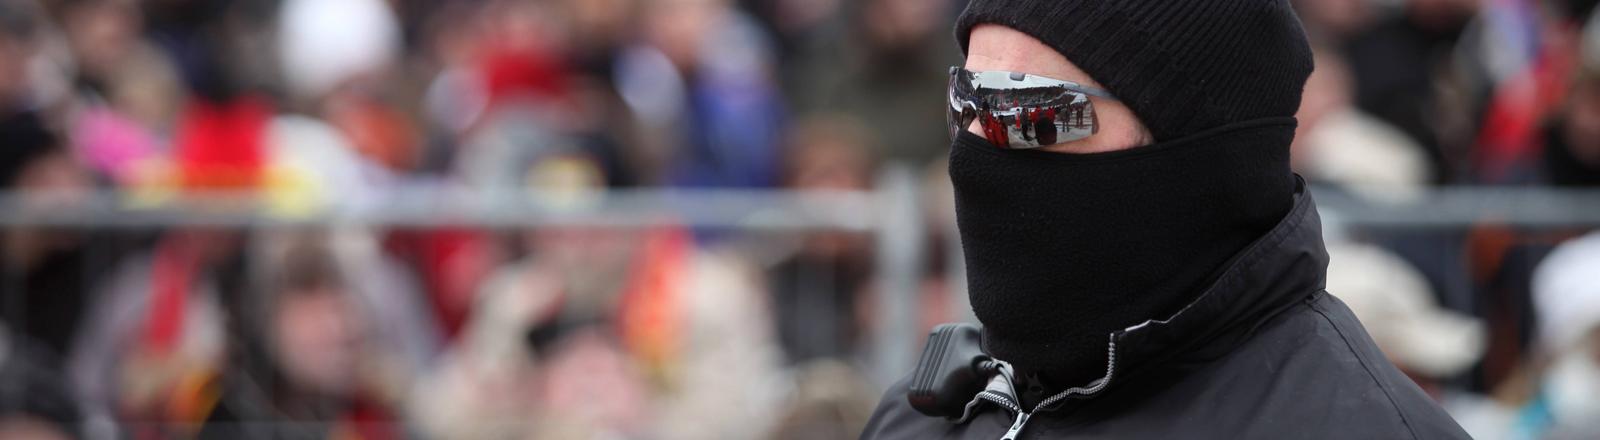 Ein Sicherheitsmann mit Sonnenbrille und Skimaske.